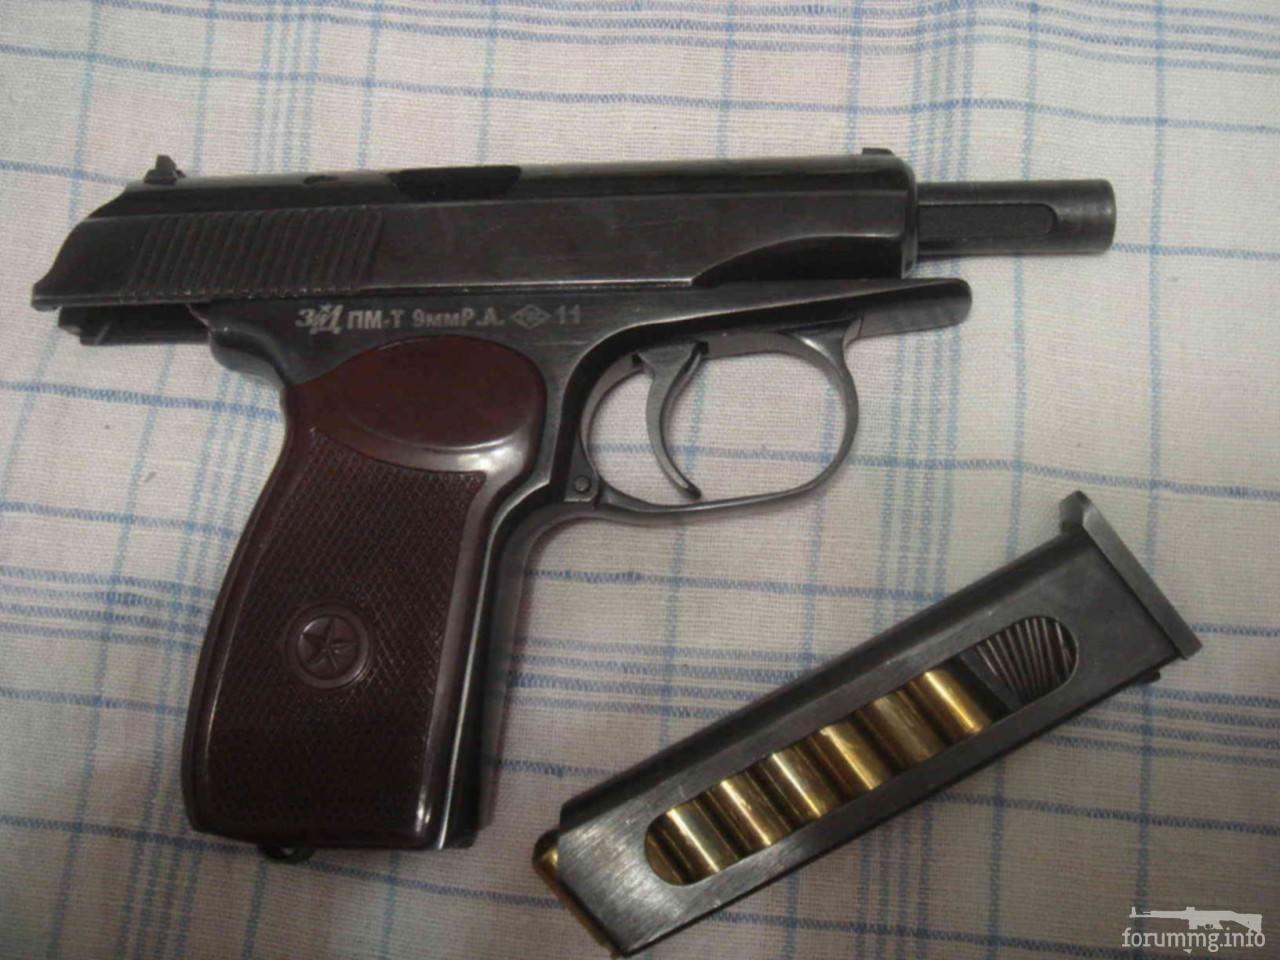 131911 - Продам пистолет Макарова пм травматический 9мм